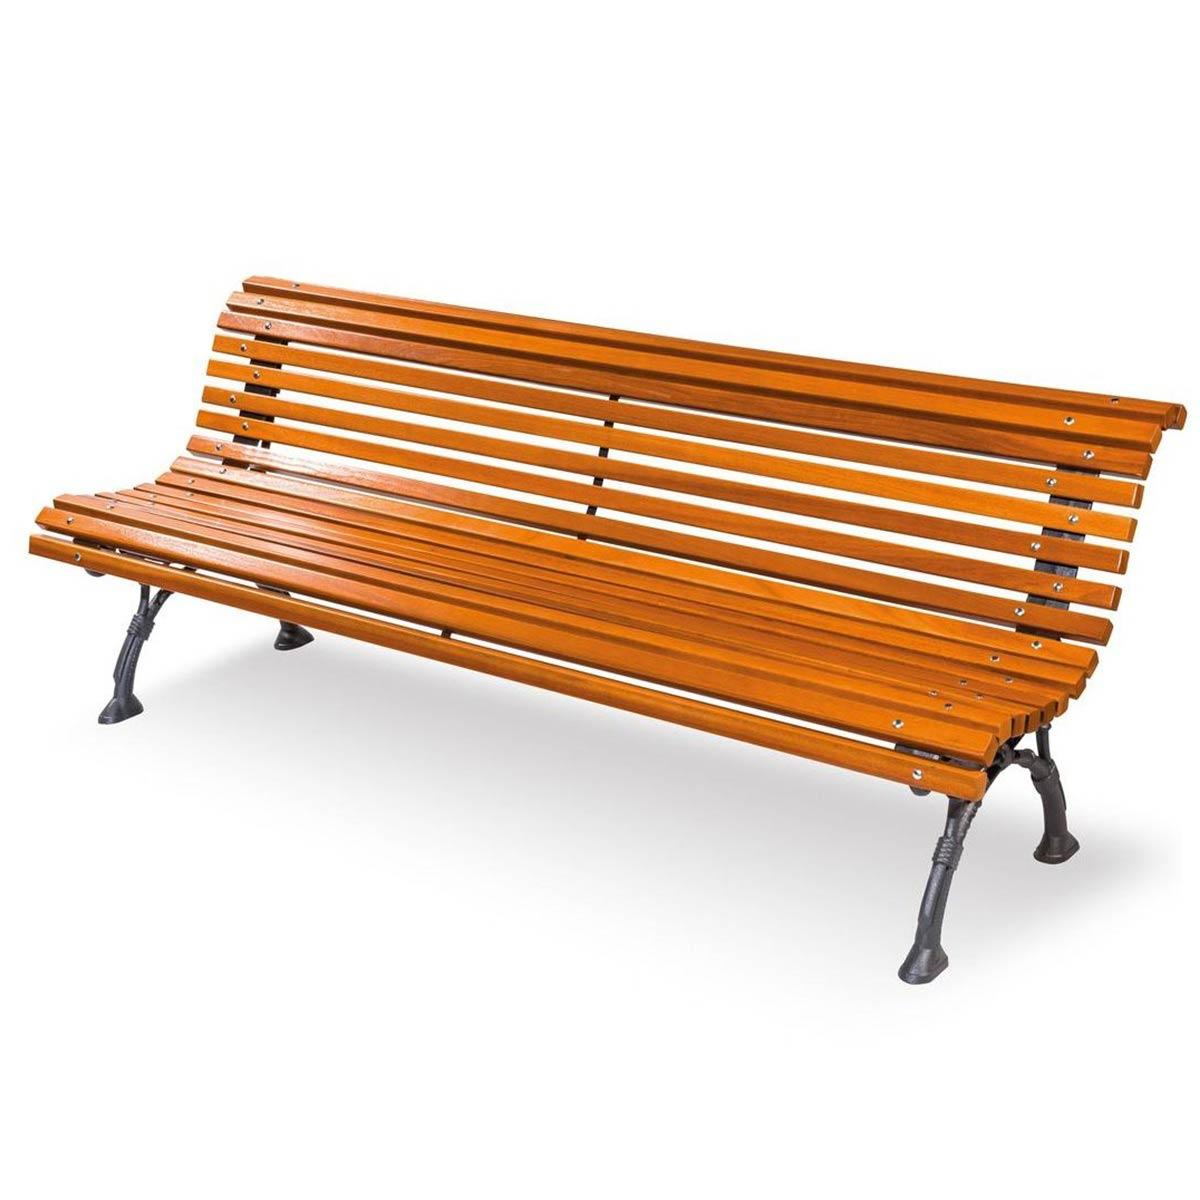 Altezza Panchina Da Terra : Panchina napoli con piedi in fusione di alluminio e listoni